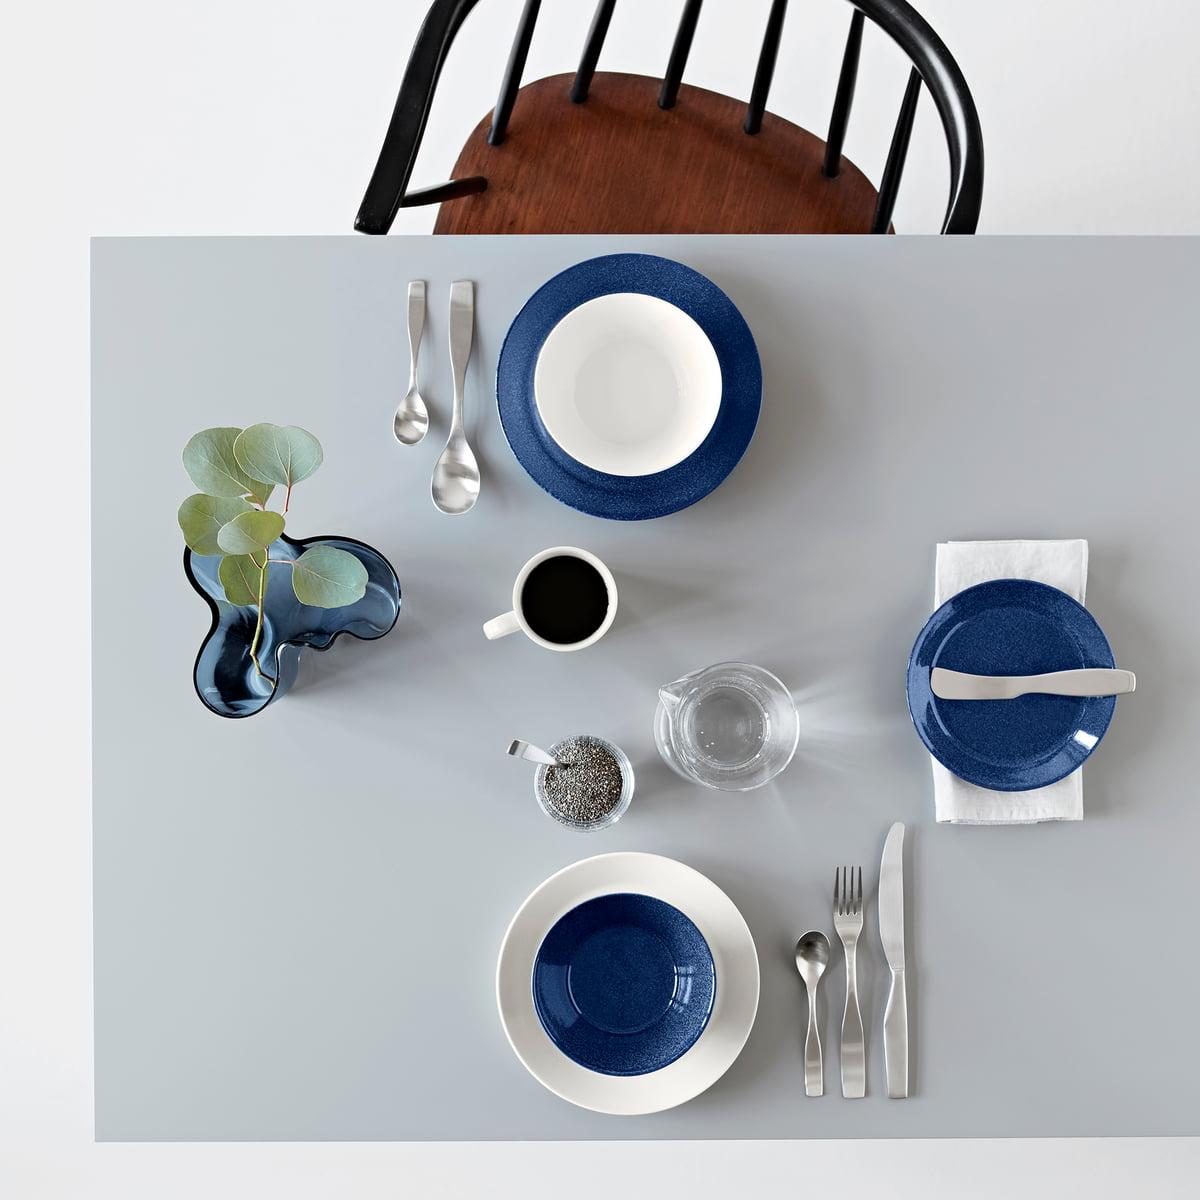 teema achetez la vaisselle au duo de bleu. Black Bedroom Furniture Sets. Home Design Ideas